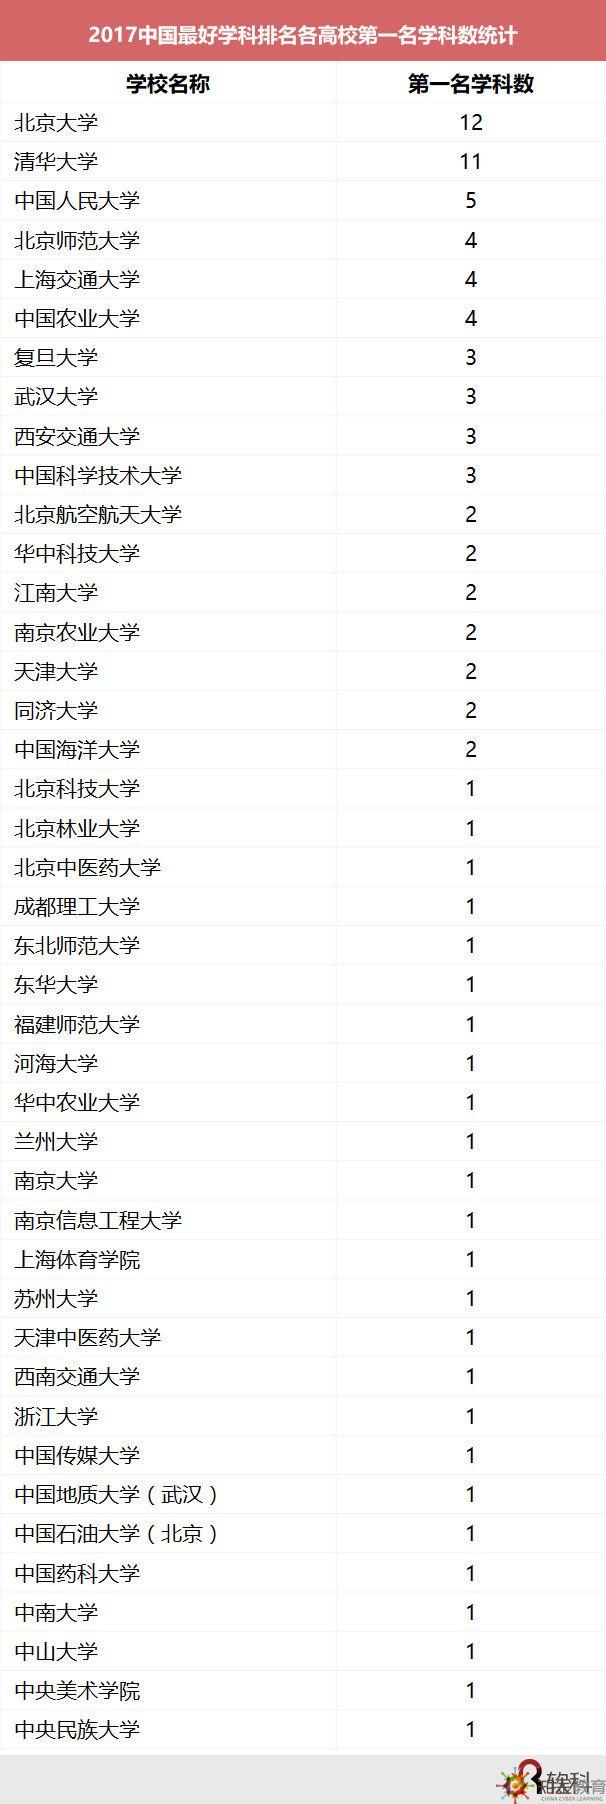 中国最好学科排行榜出炉:北大12学科名列榜首